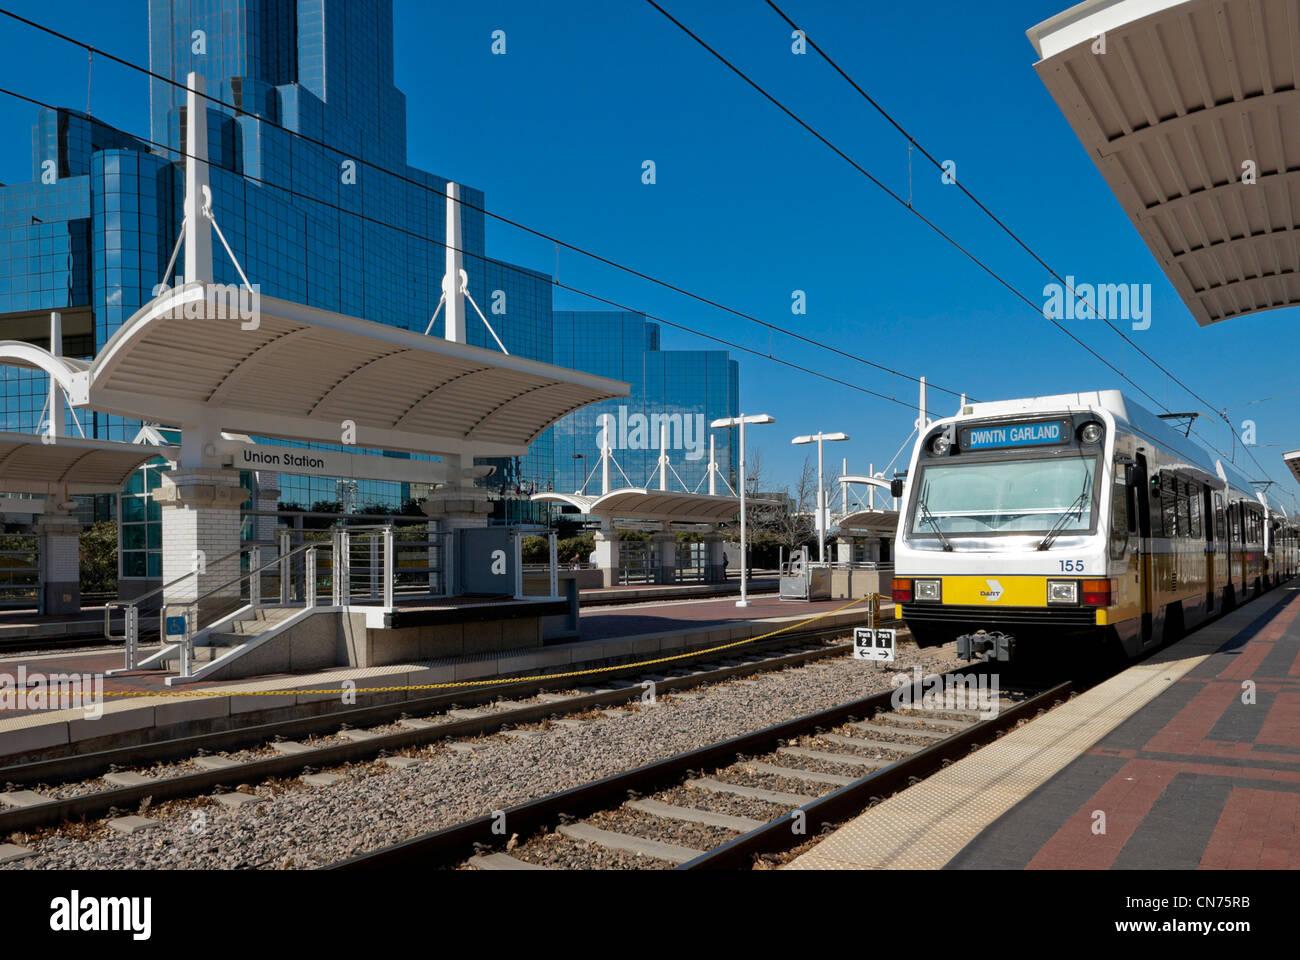 En la plataforma del tren en la Estación Union, Dallas, Texas, EE.UU. - Oficina de cuadras atrás Imagen De Stock